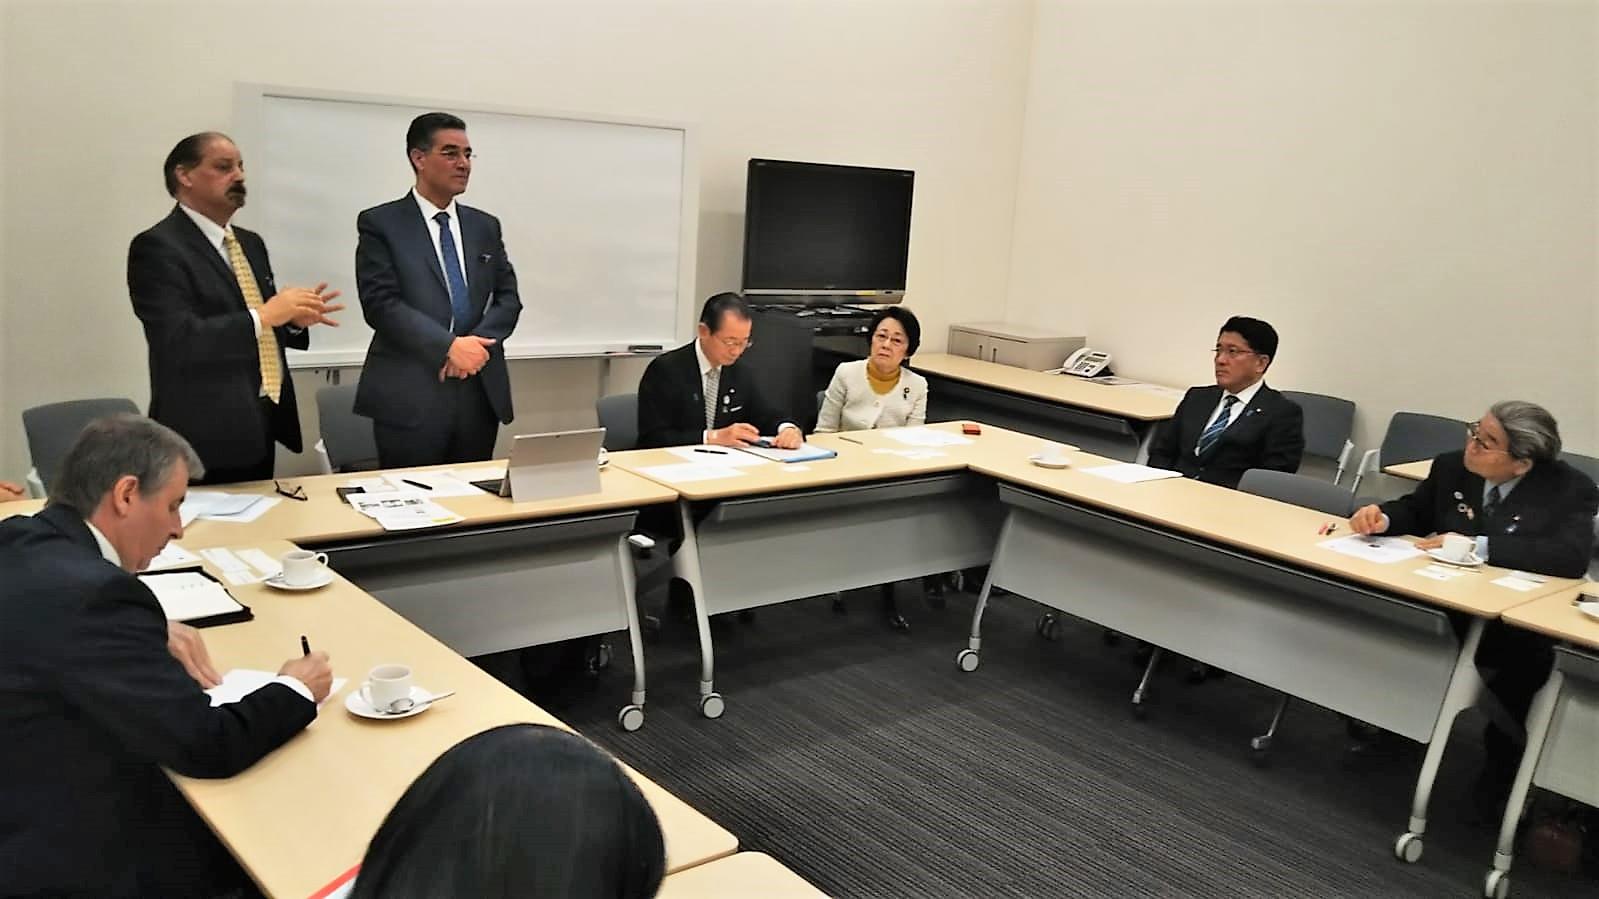 ghedira e parlamentari giapponesi